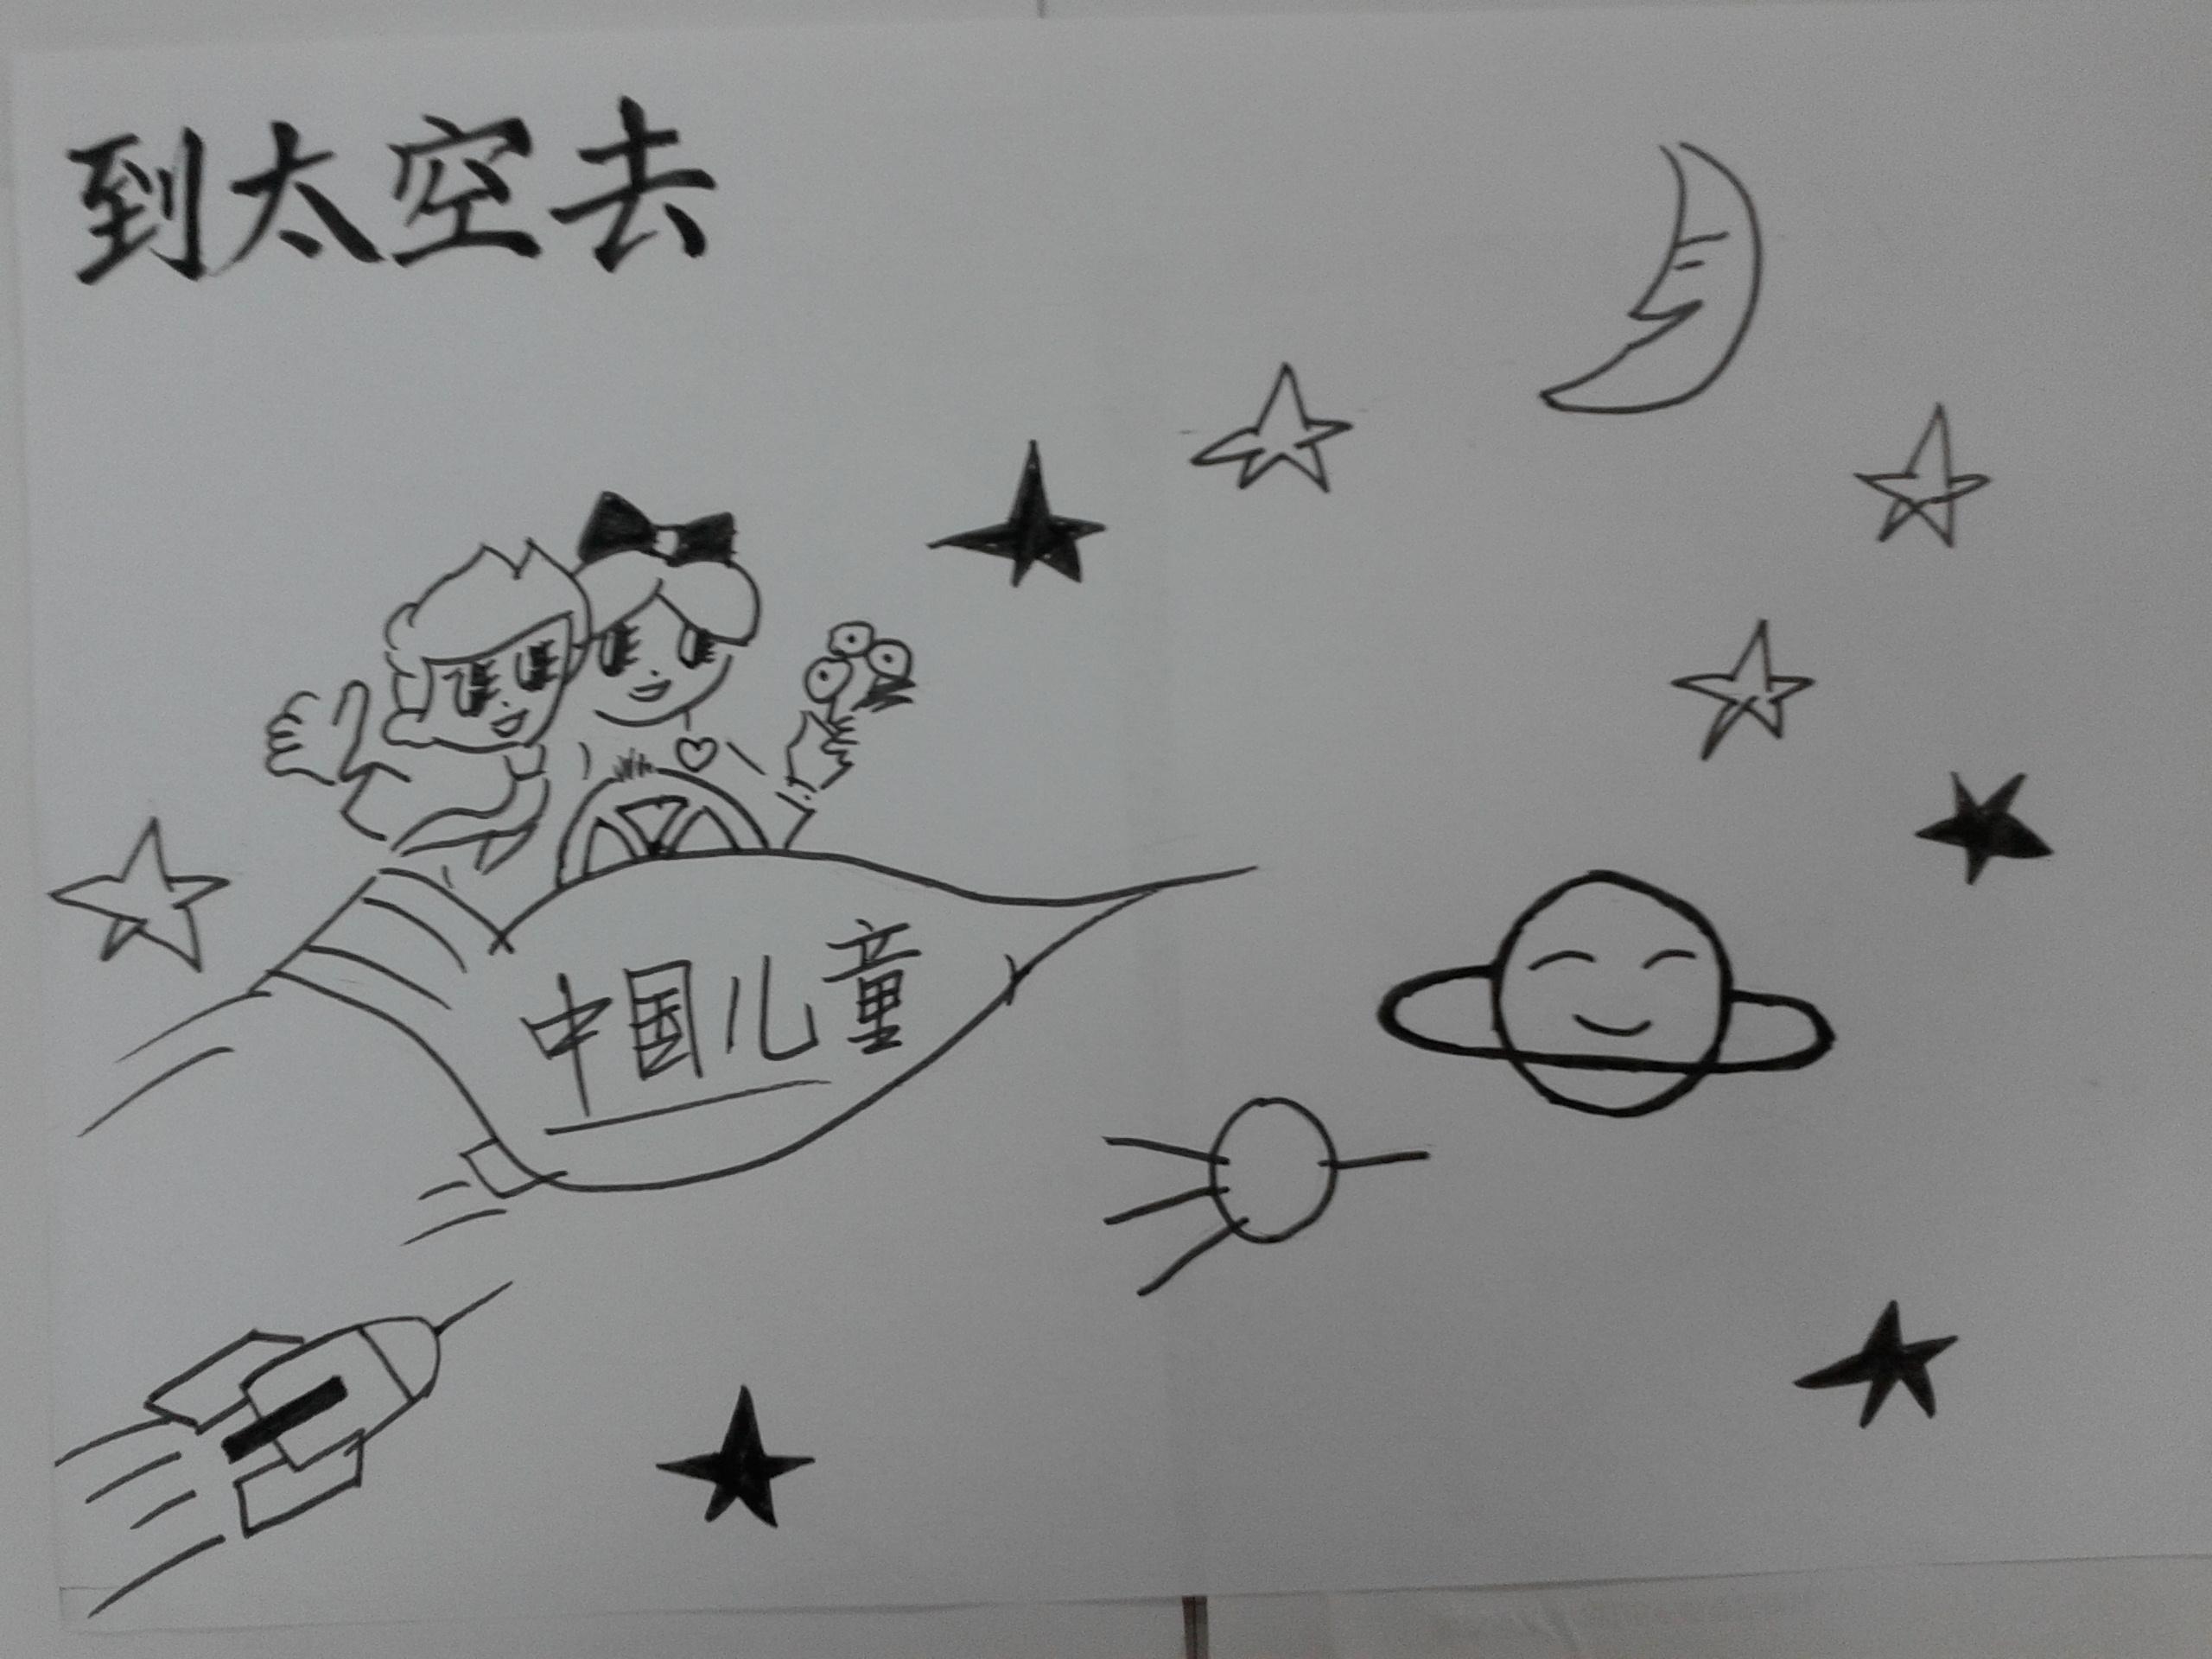 漫画 一句话一首歌 征集活动 活动 未来网红领巾集结号